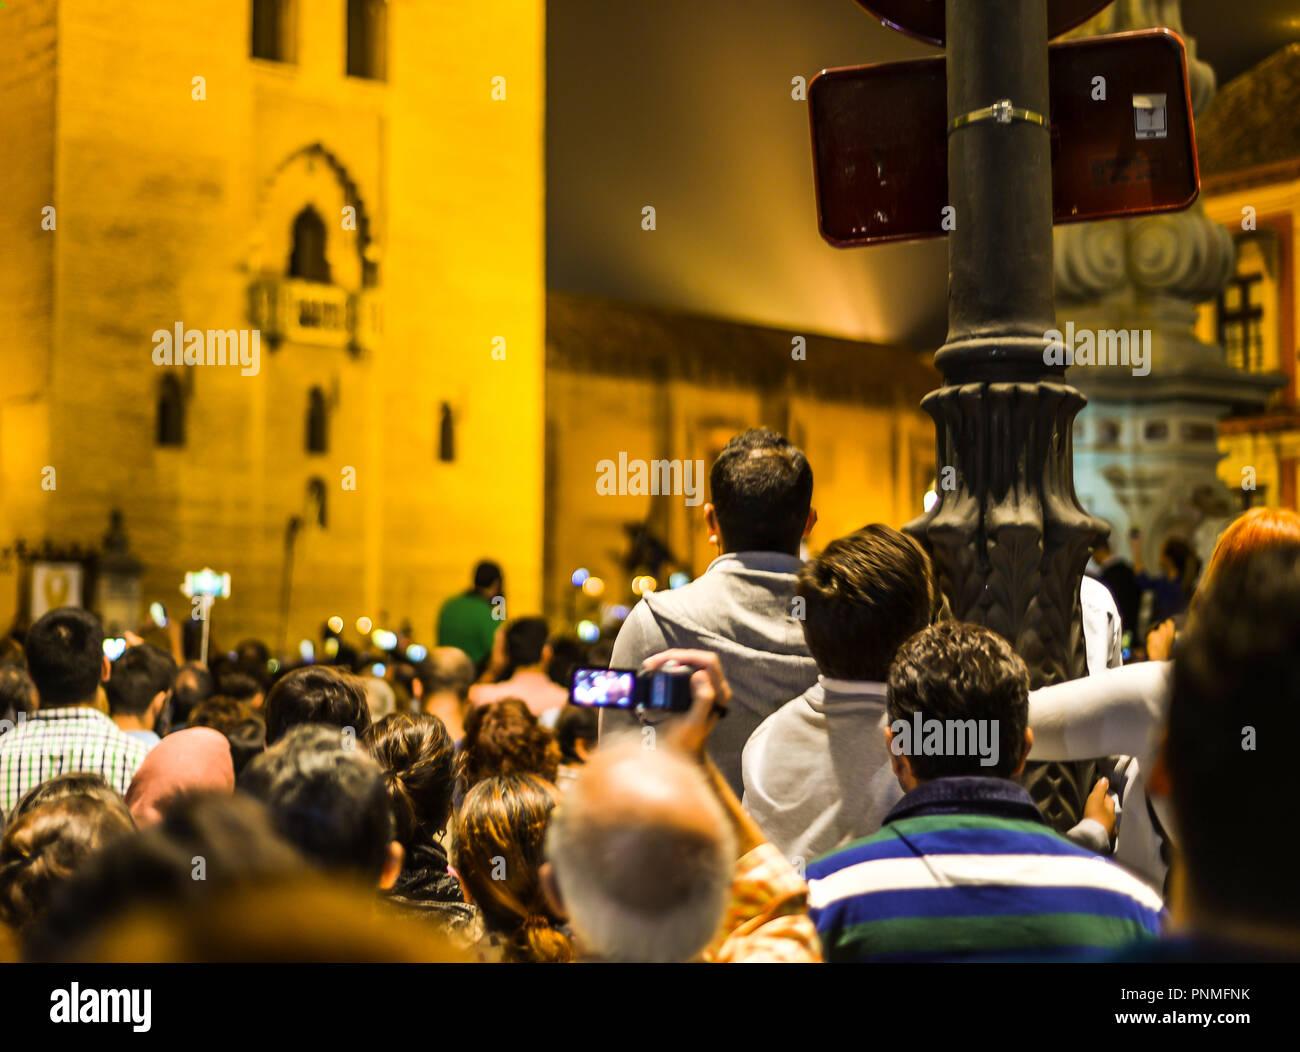 Sevilla/Spanien - 10/13/16 - eine religiöse Veranstaltung in der Nacht Stockbild